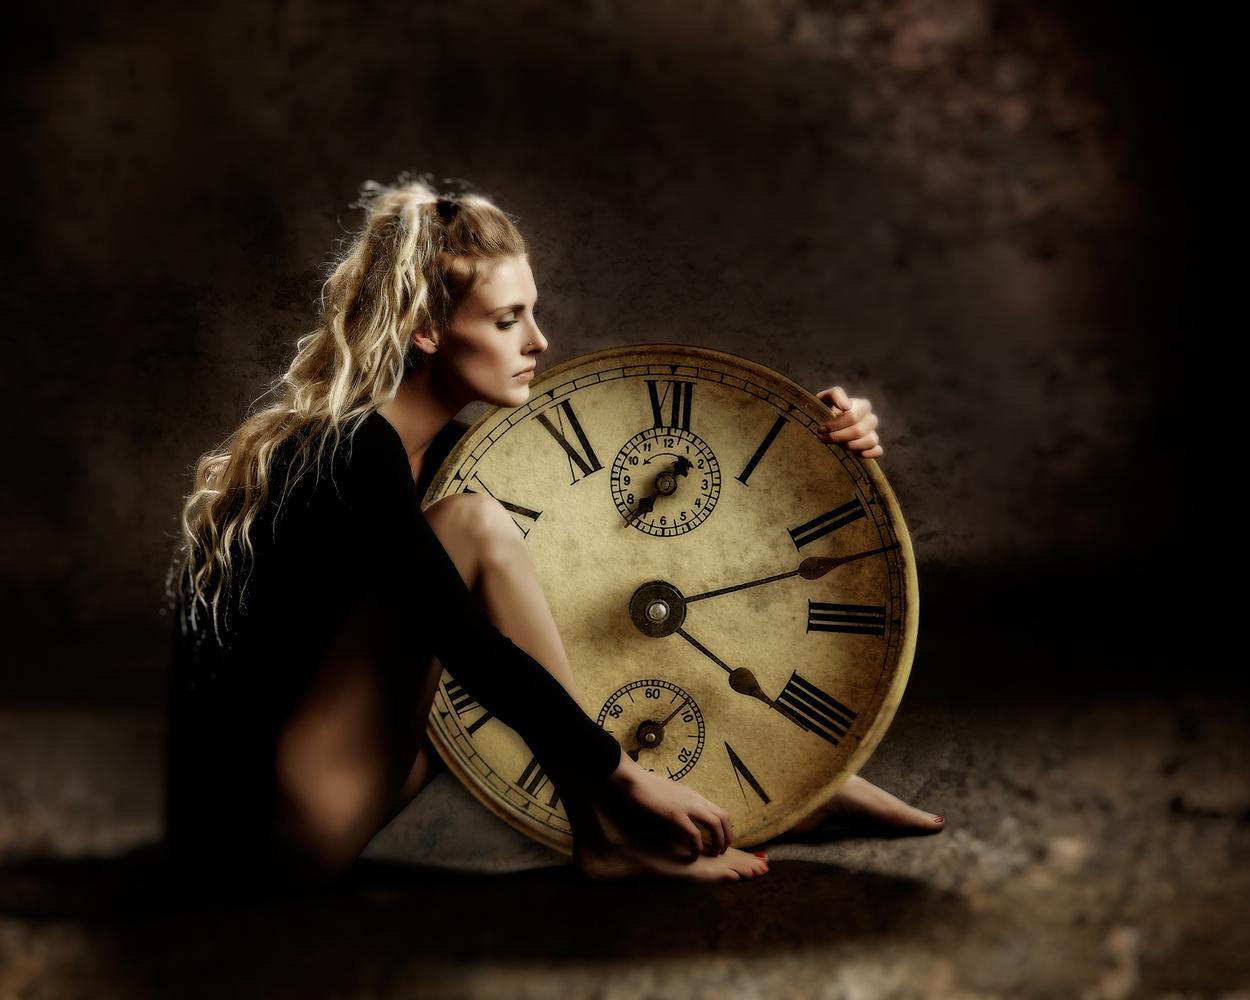 TIME by Hank Rintjema